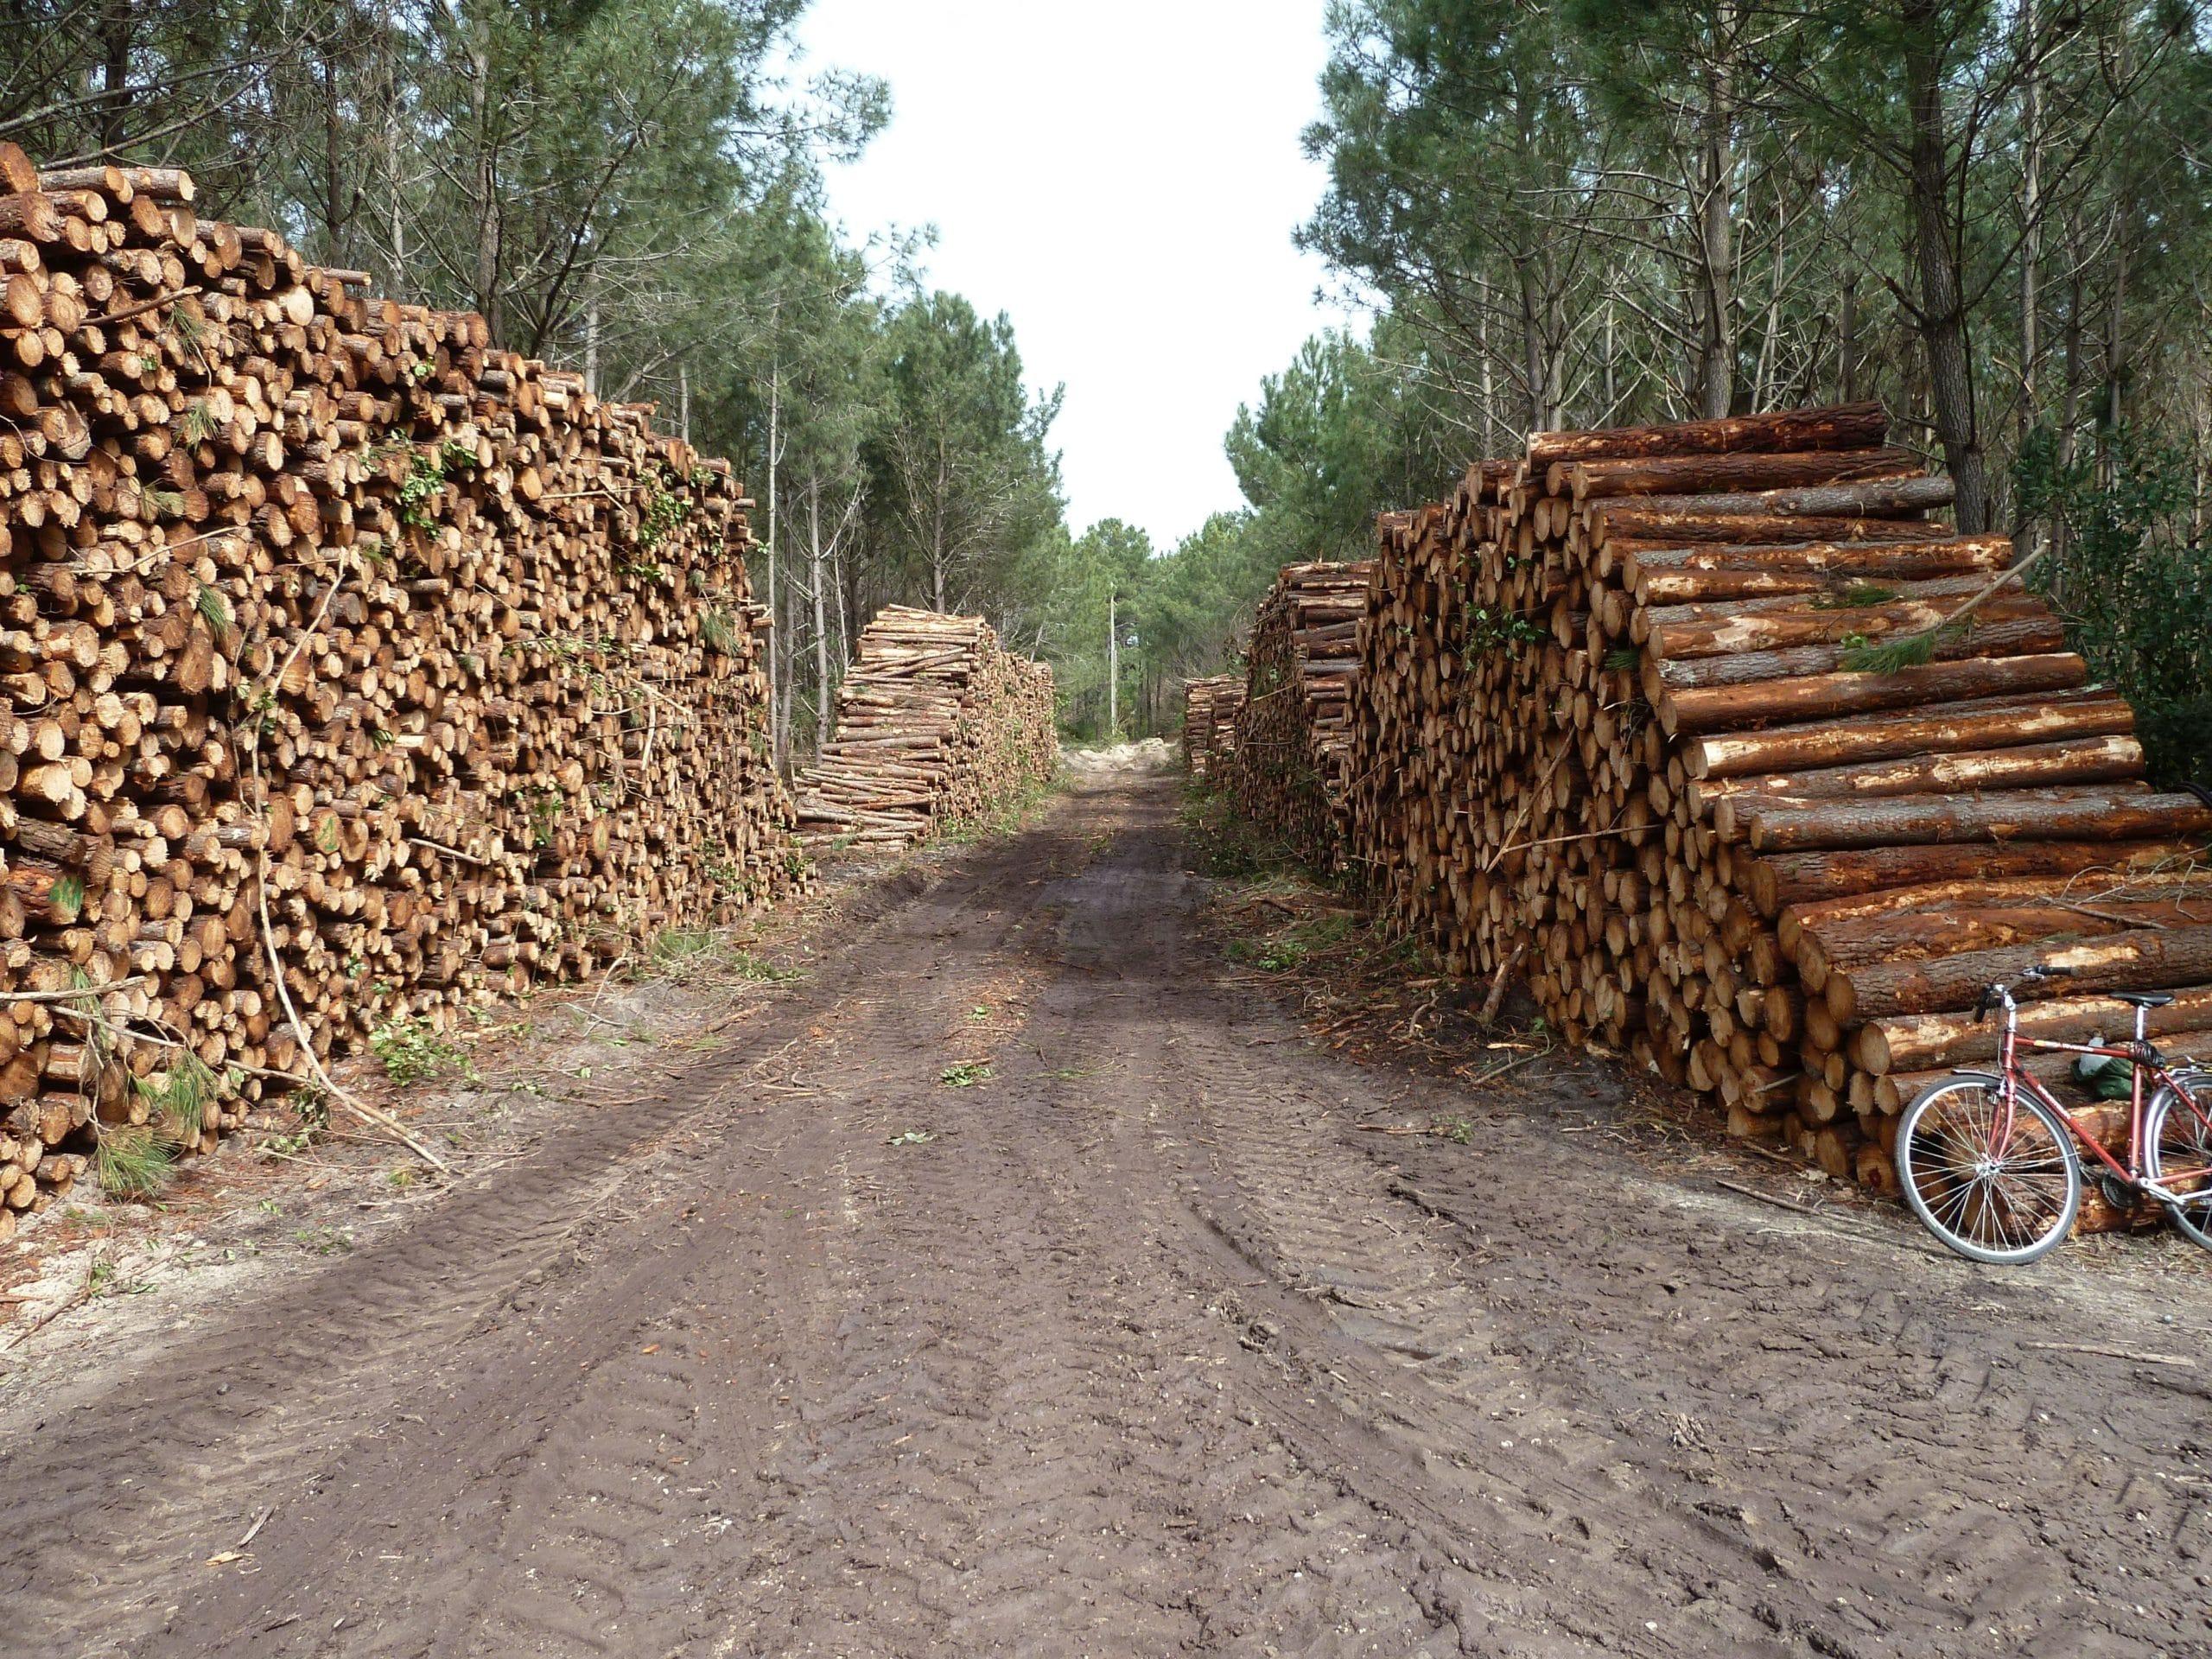 timber work injury